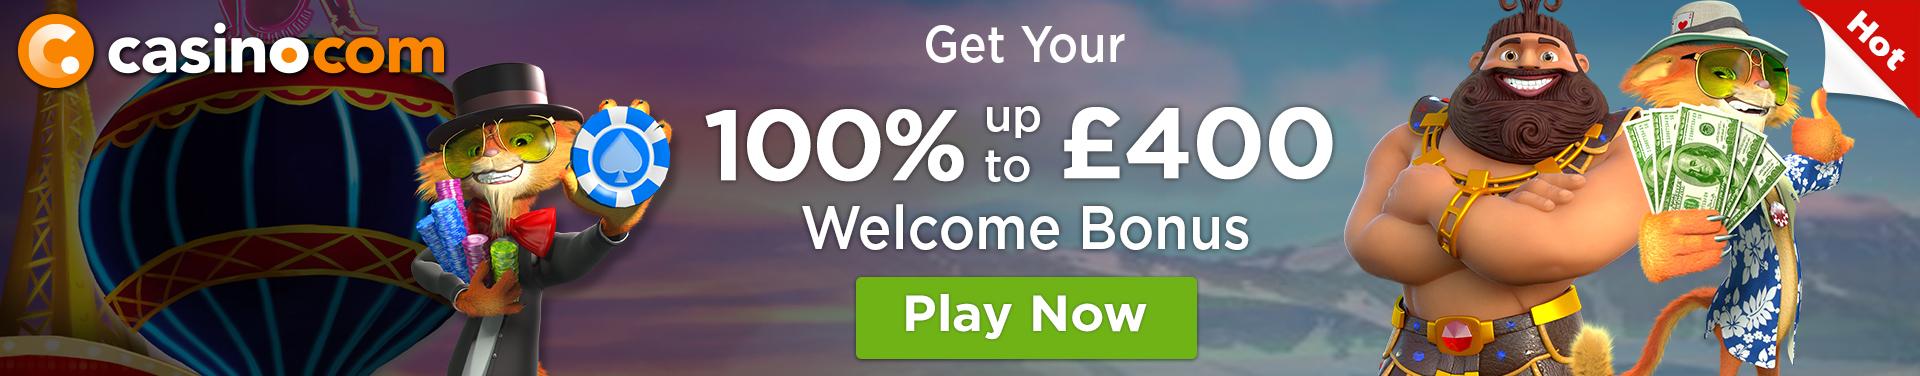 Casino.com iPhone App